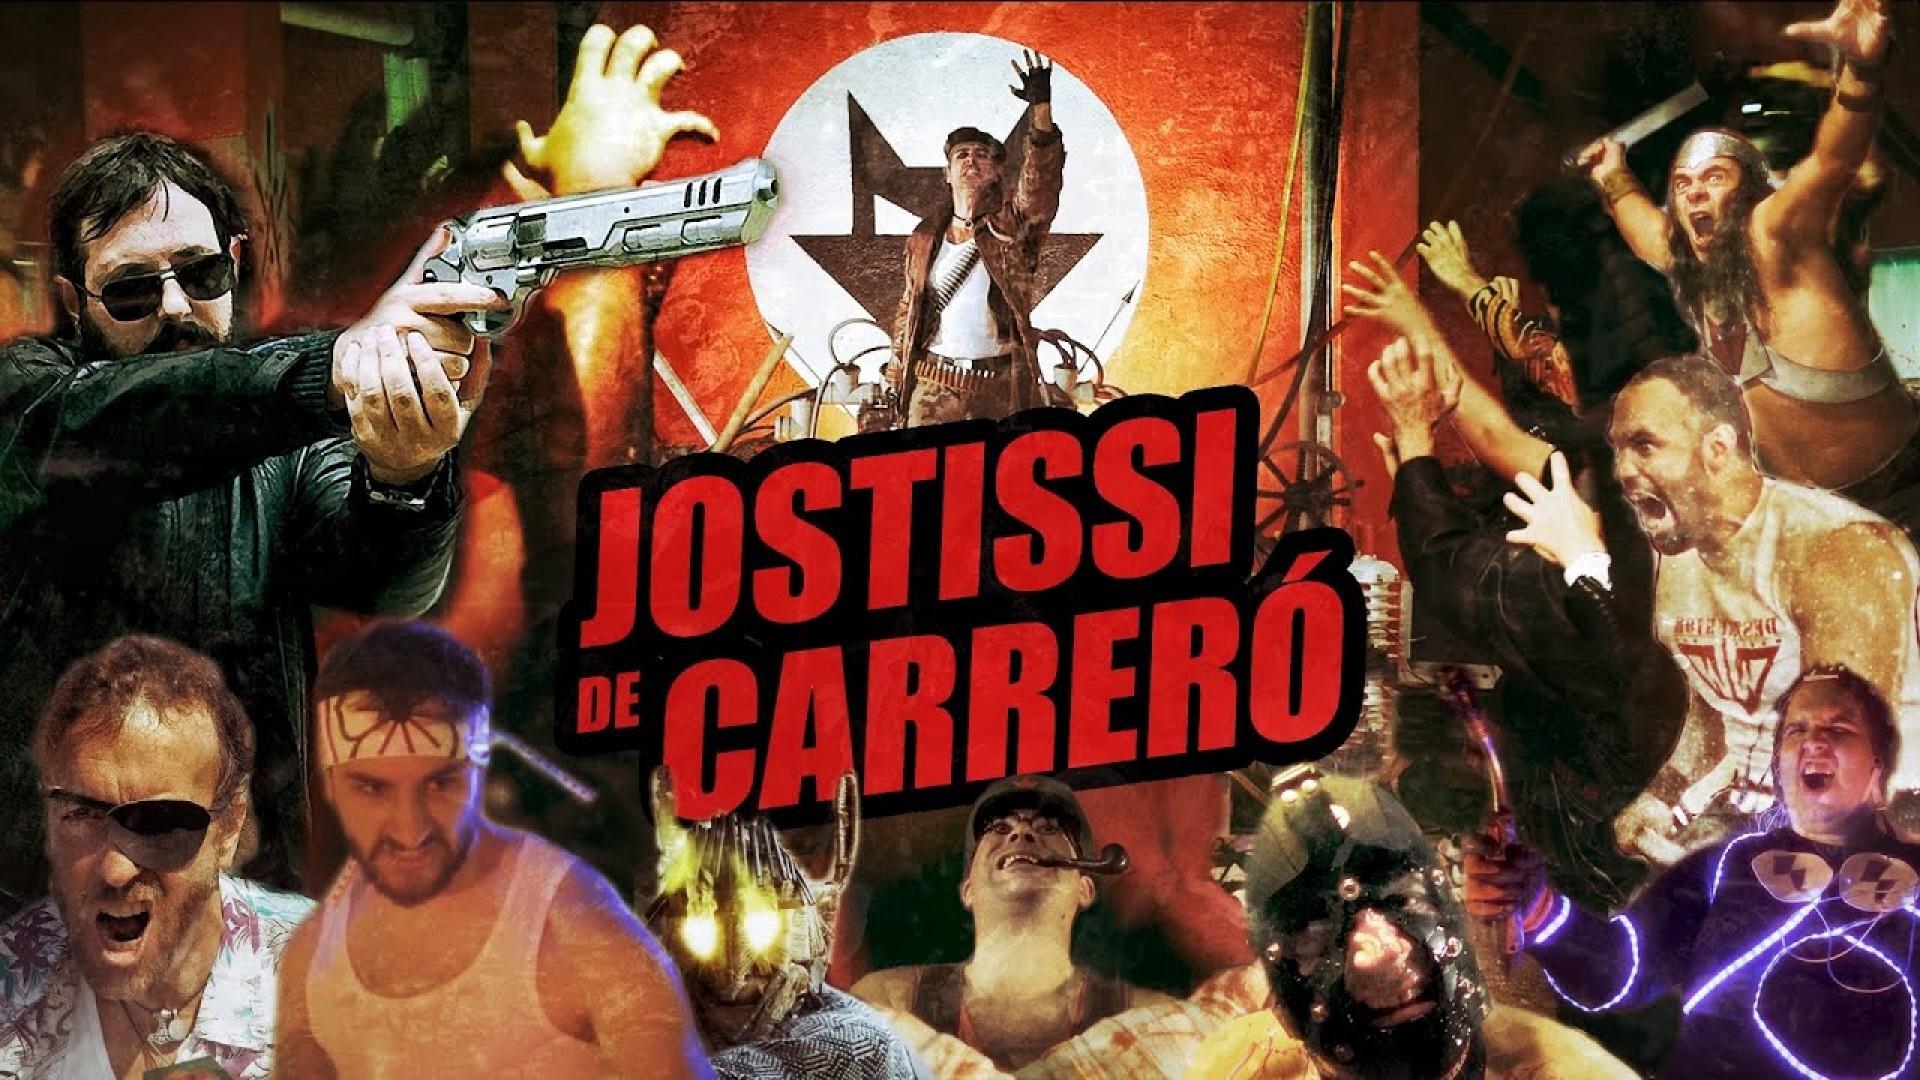 Jostissi de Carreró